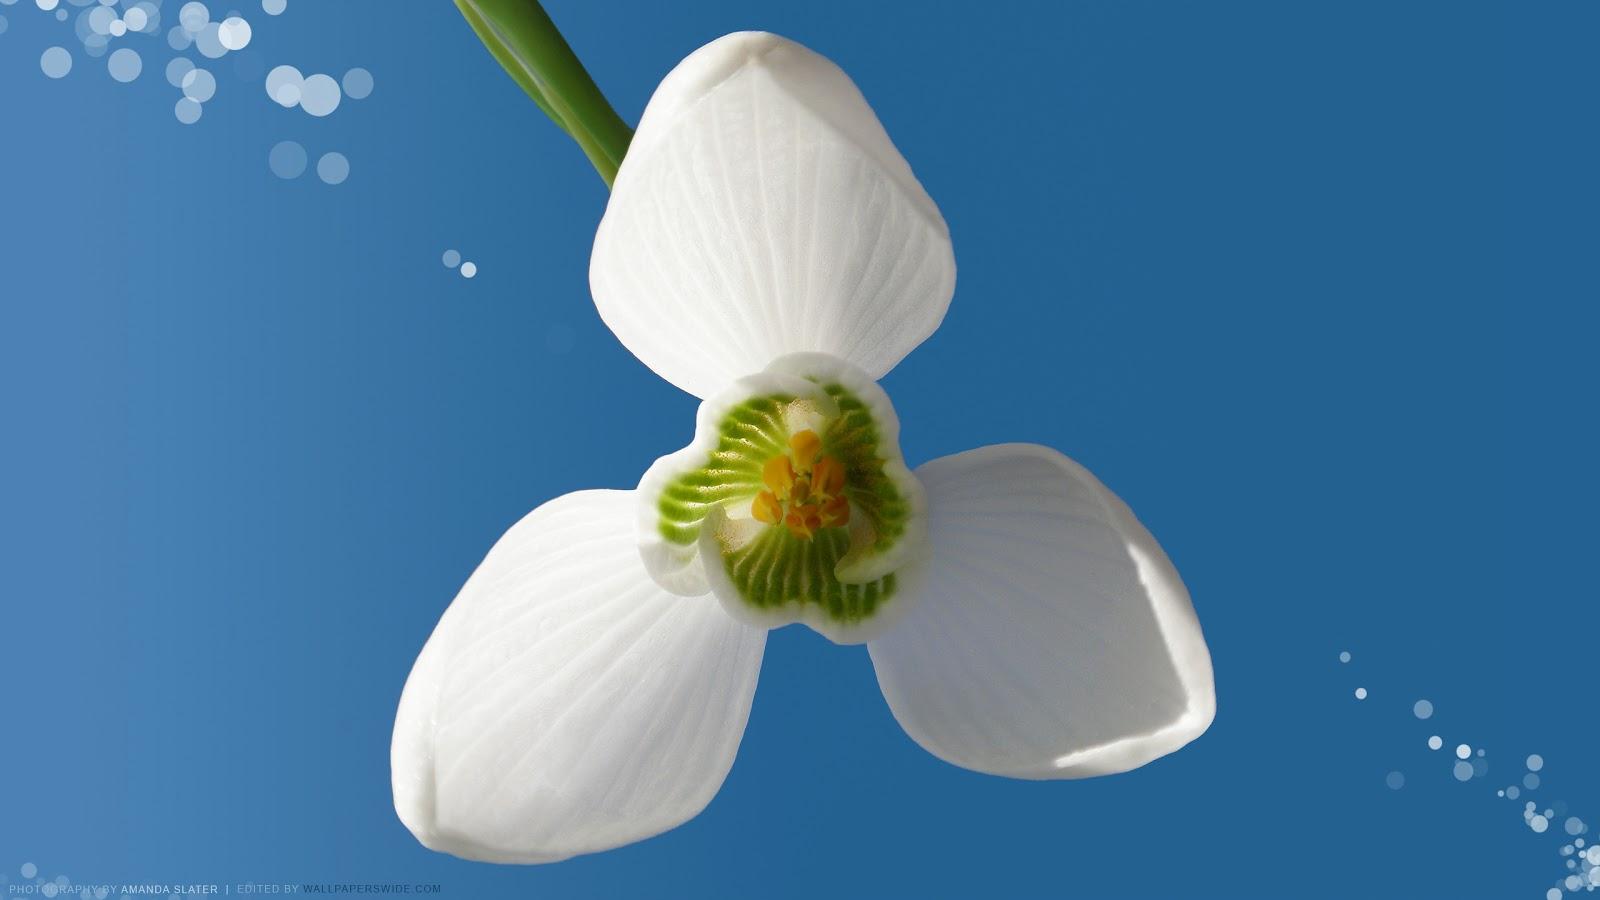 http://3.bp.blogspot.com/-51nkNkSqO60/T1MsJTwv25I/AAAAAAAAB-8/O5McfHkSq8Y/s1600/Snowdrop-II-2560x1440-ghiocel-frumos.jpg